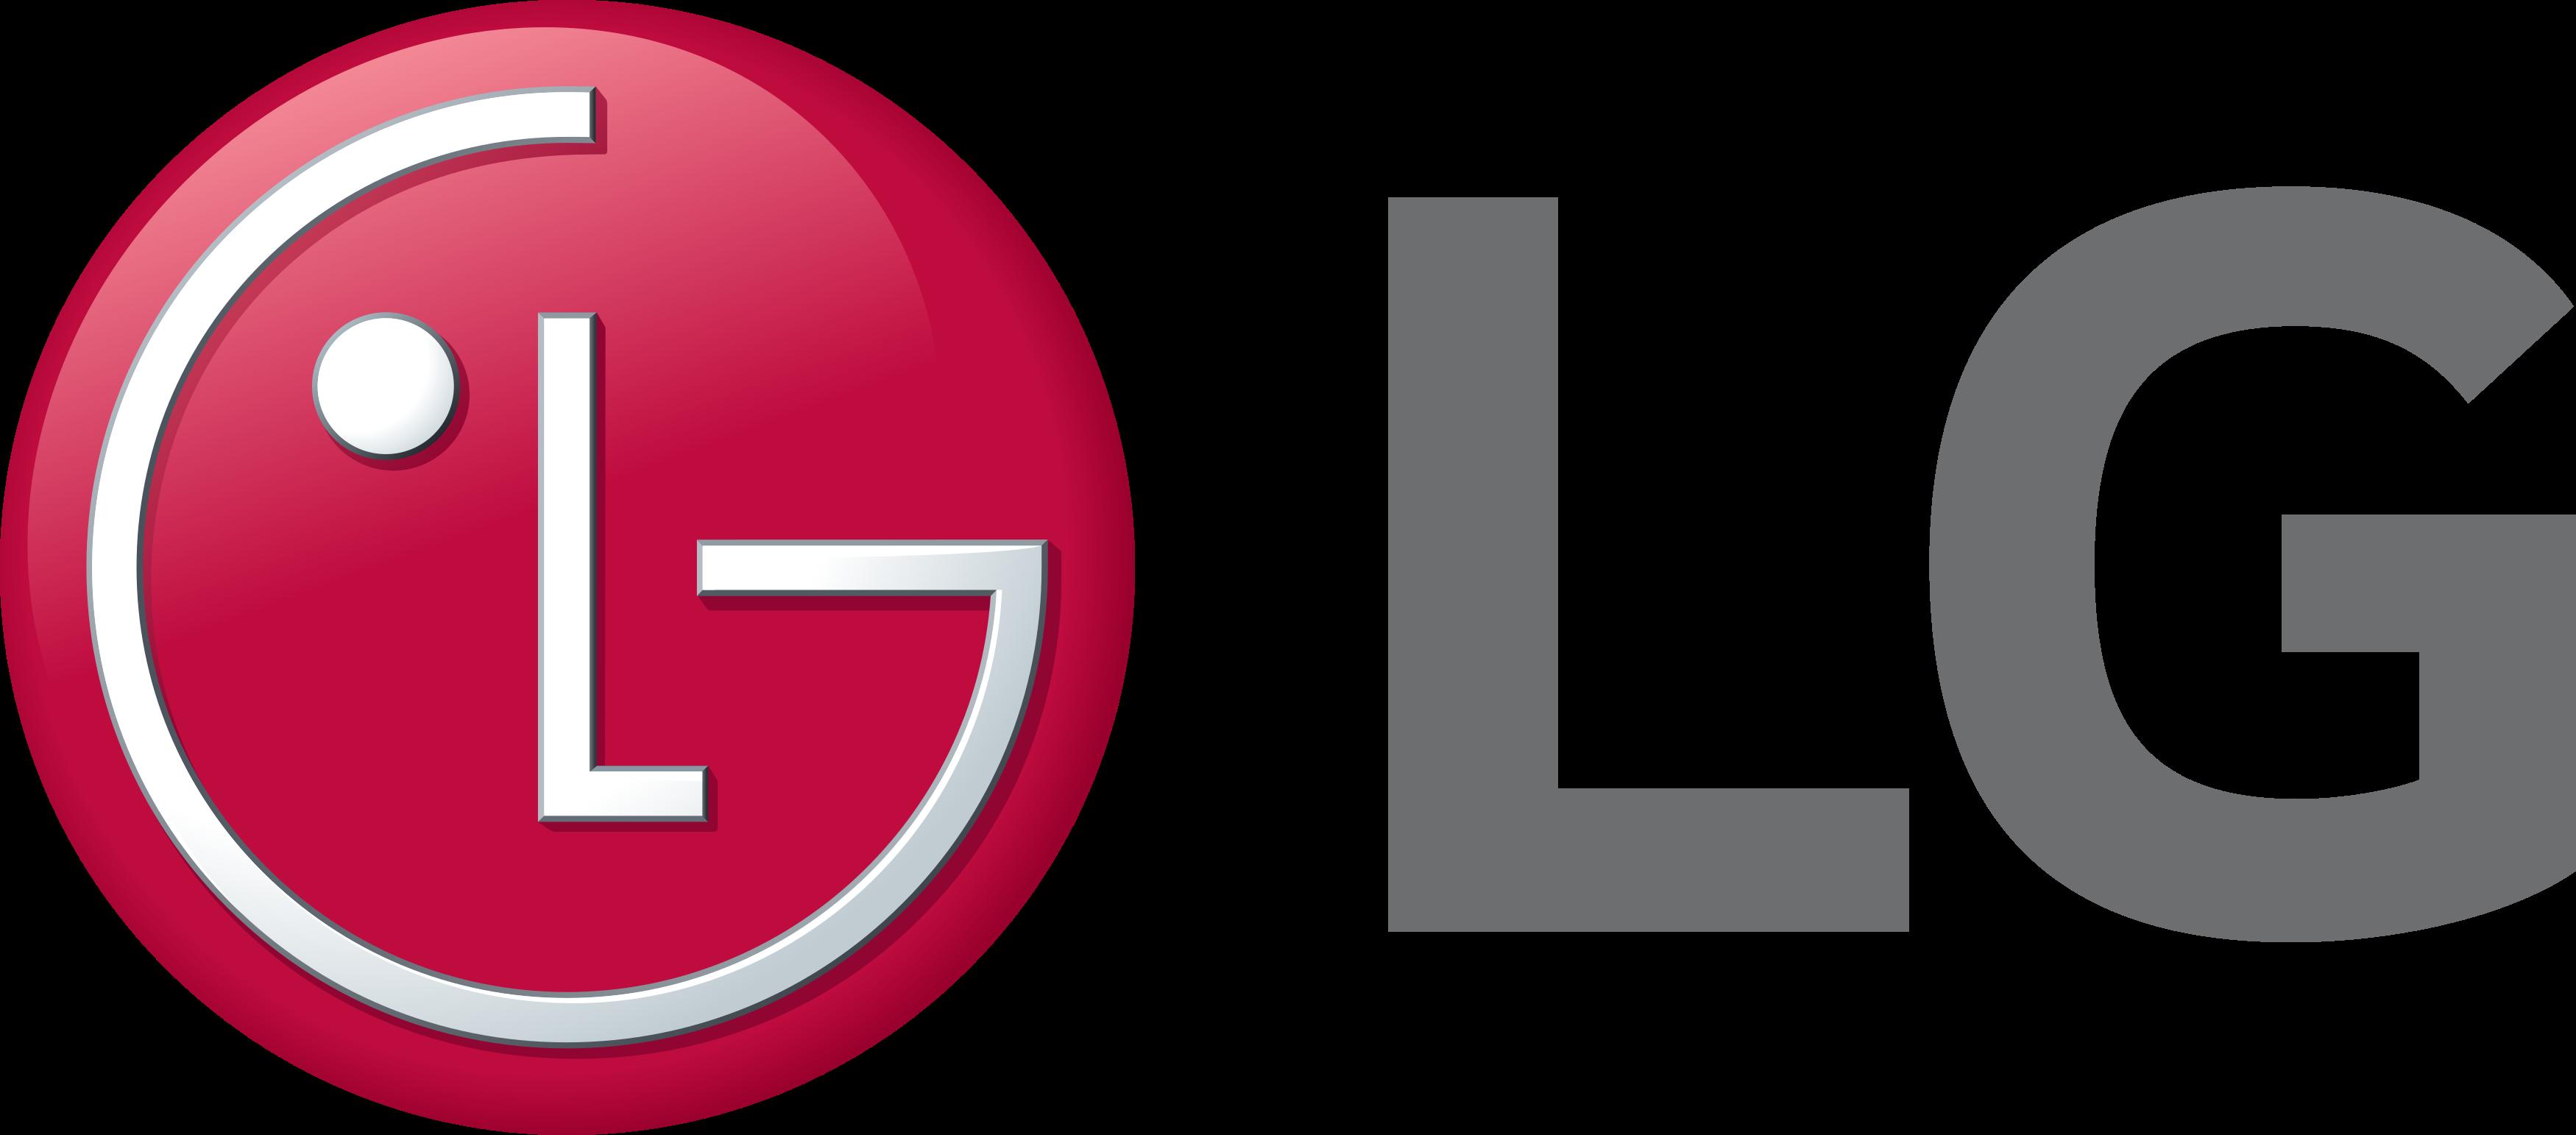 lg logo 1 - LG Logo